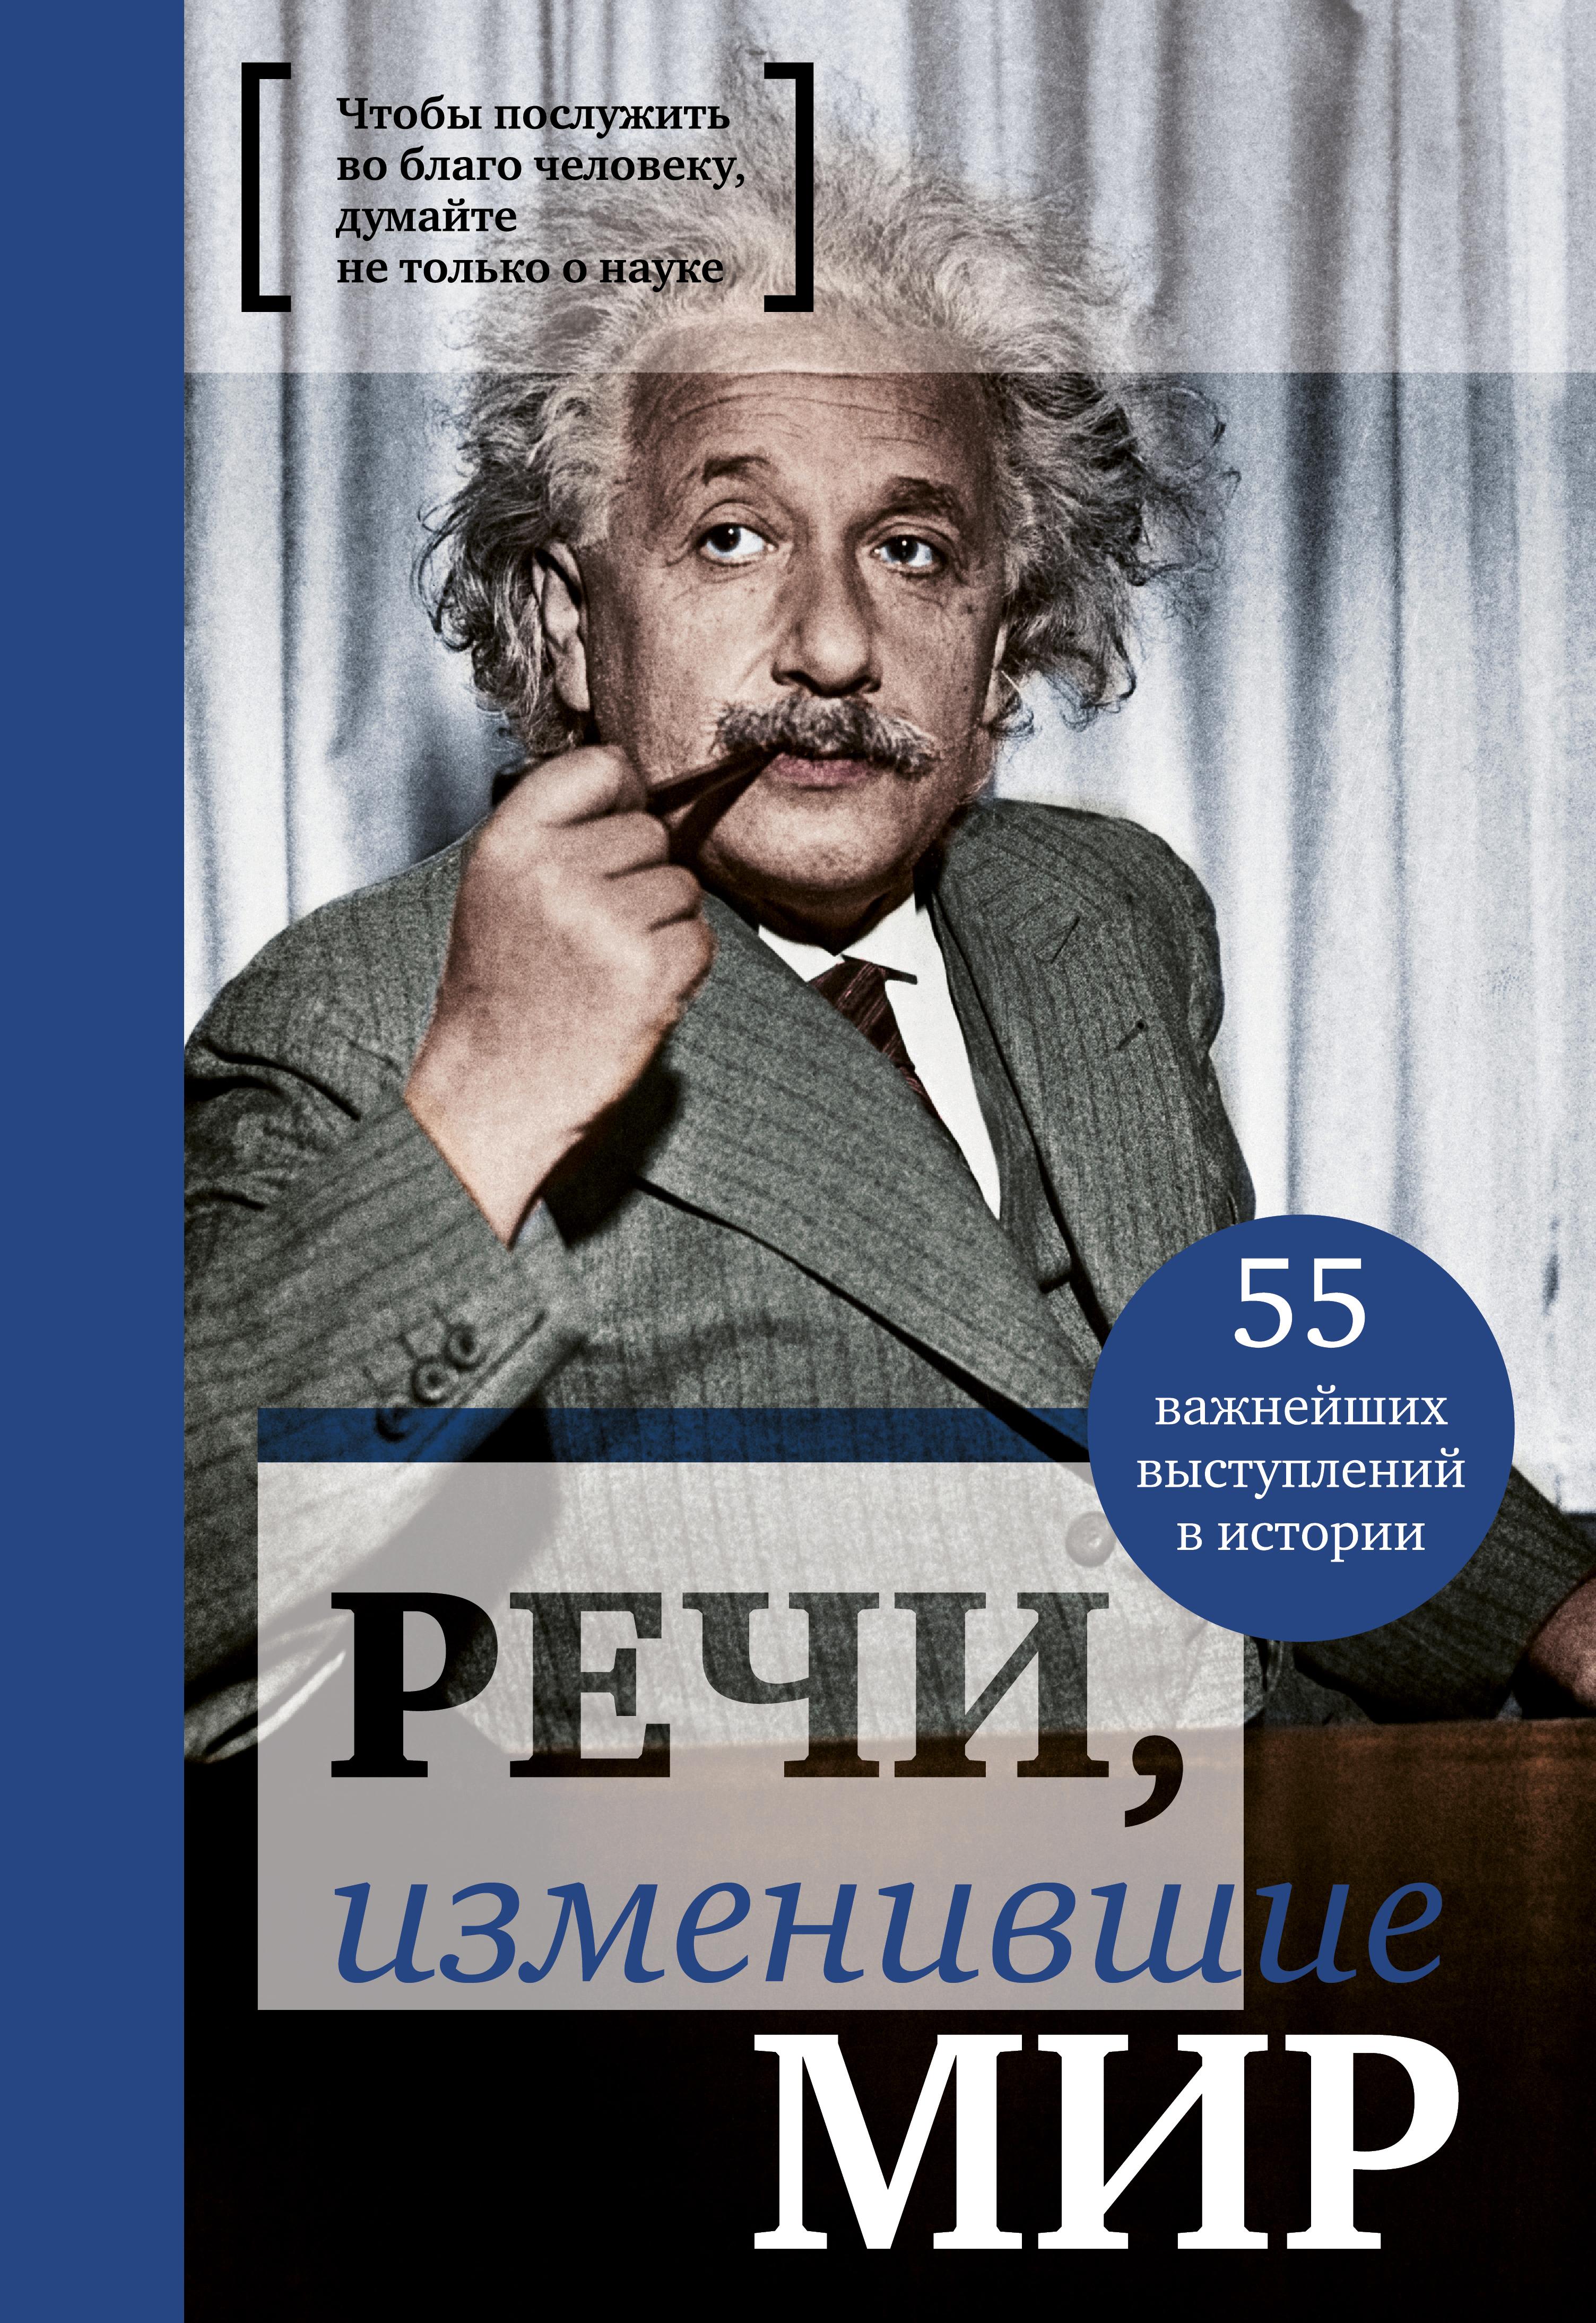 В. Апанасик Речи, изменившие мир (Эйнштейн) речи изменившие мир черчилль эксмо